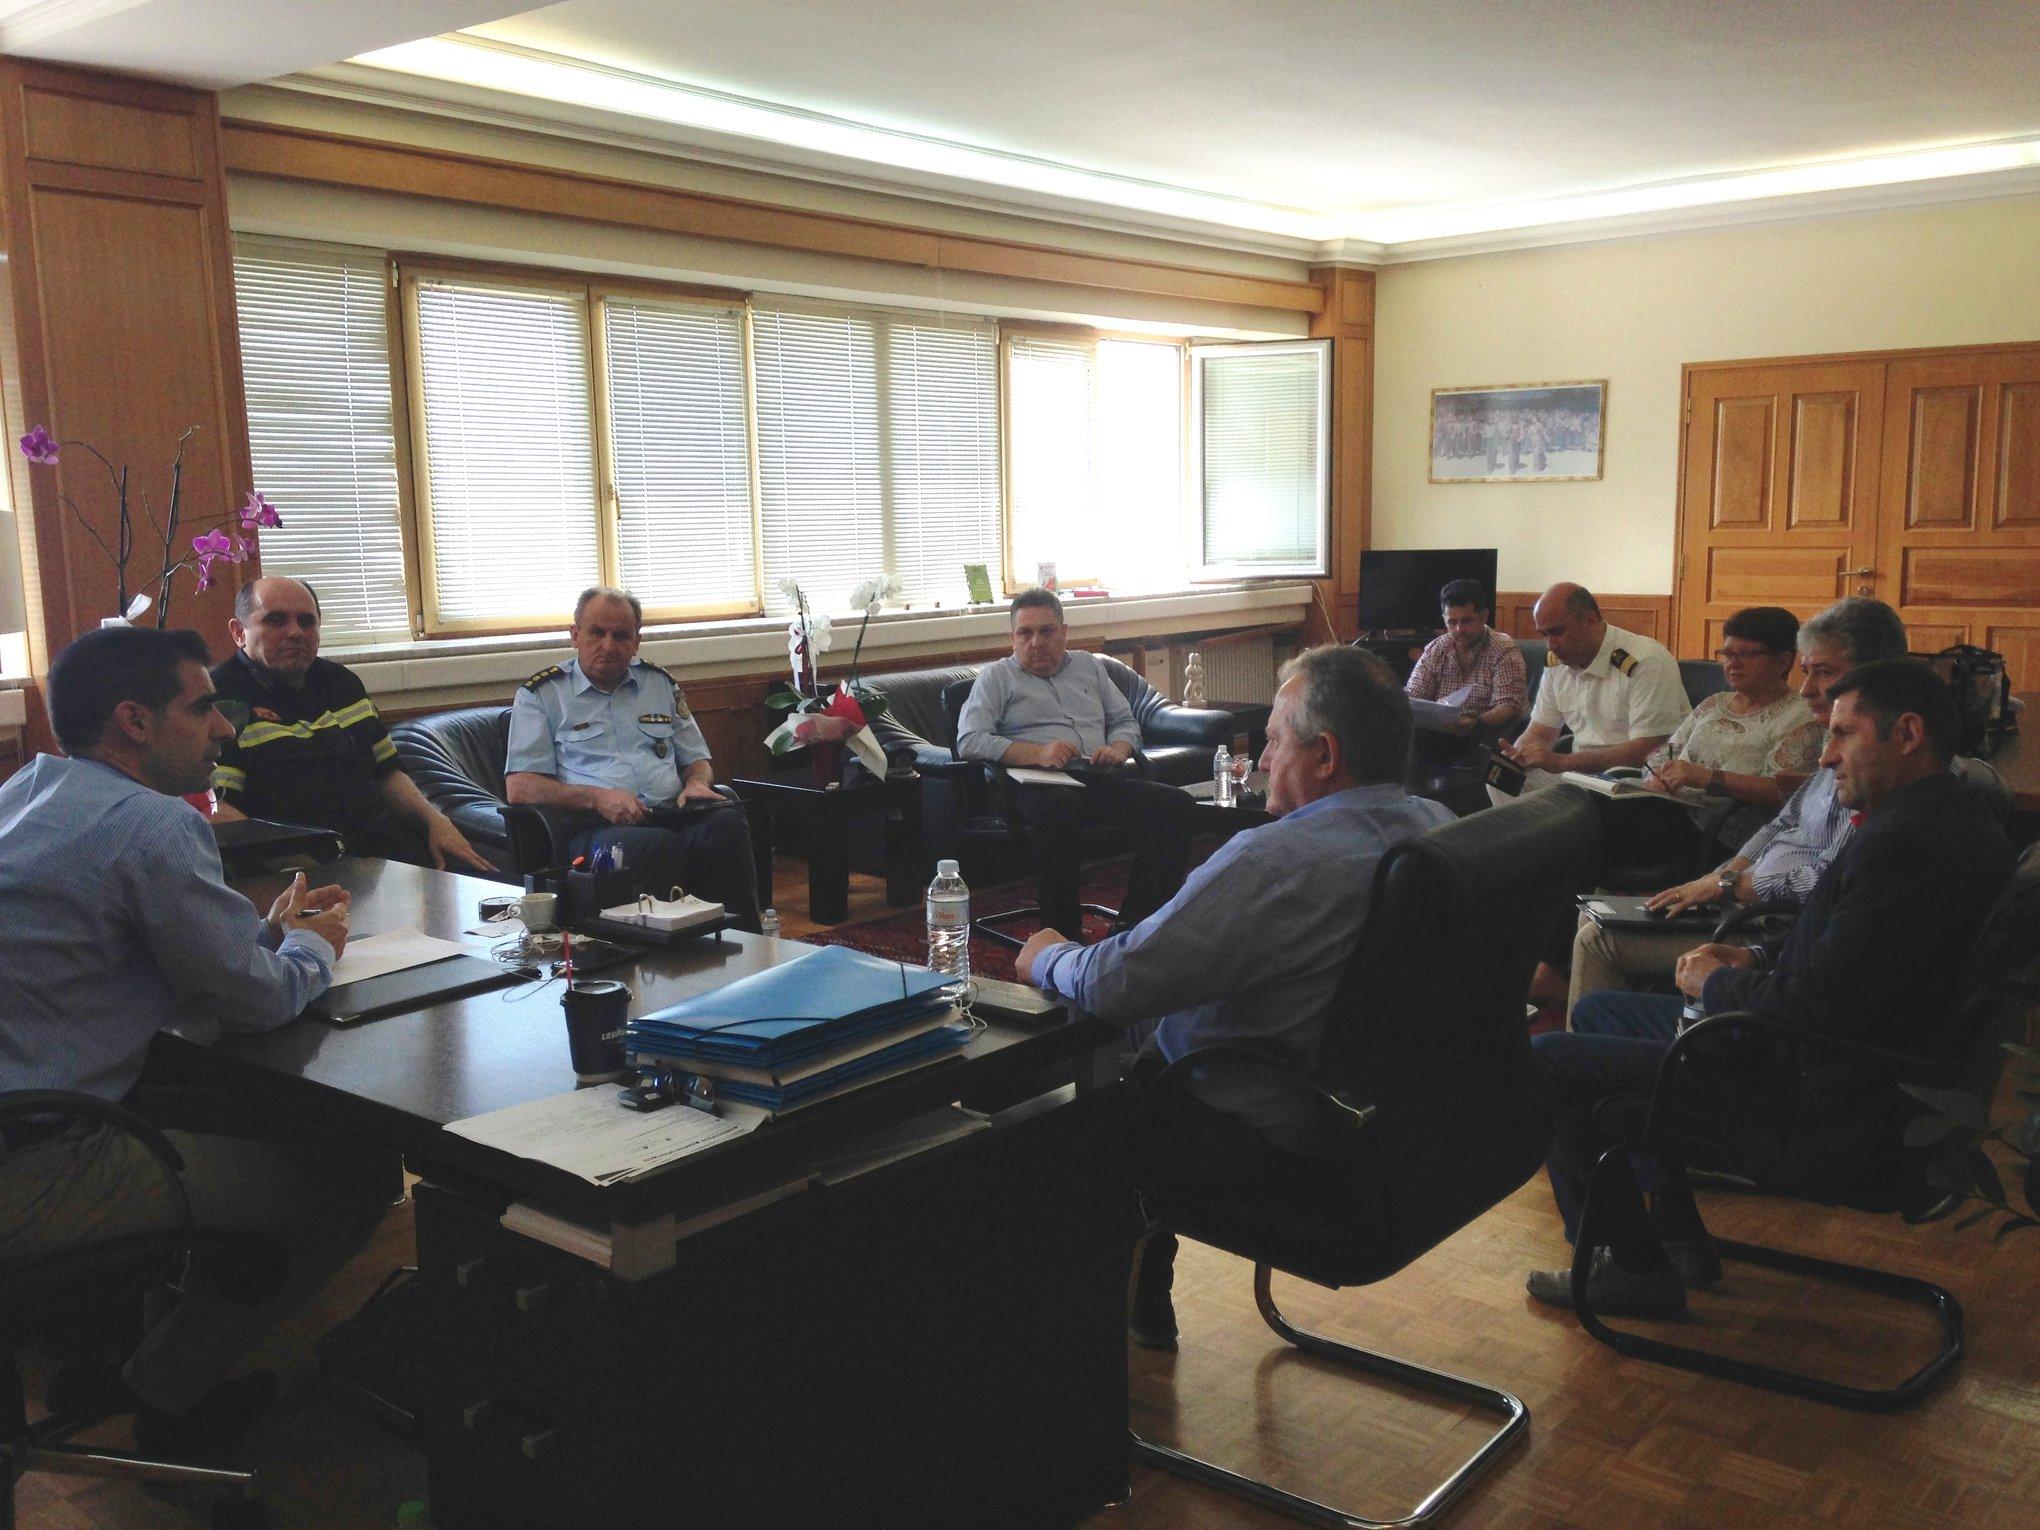 Πύργος: Σύσκεψη υπό του Αντιπεριφερειάρχη Β. Γιαννόπουλου για την εκπόνηση σχεδίου εκκένωσης των παραλιακών «οικισμών» σε περίπτωση πυρκαγιάς